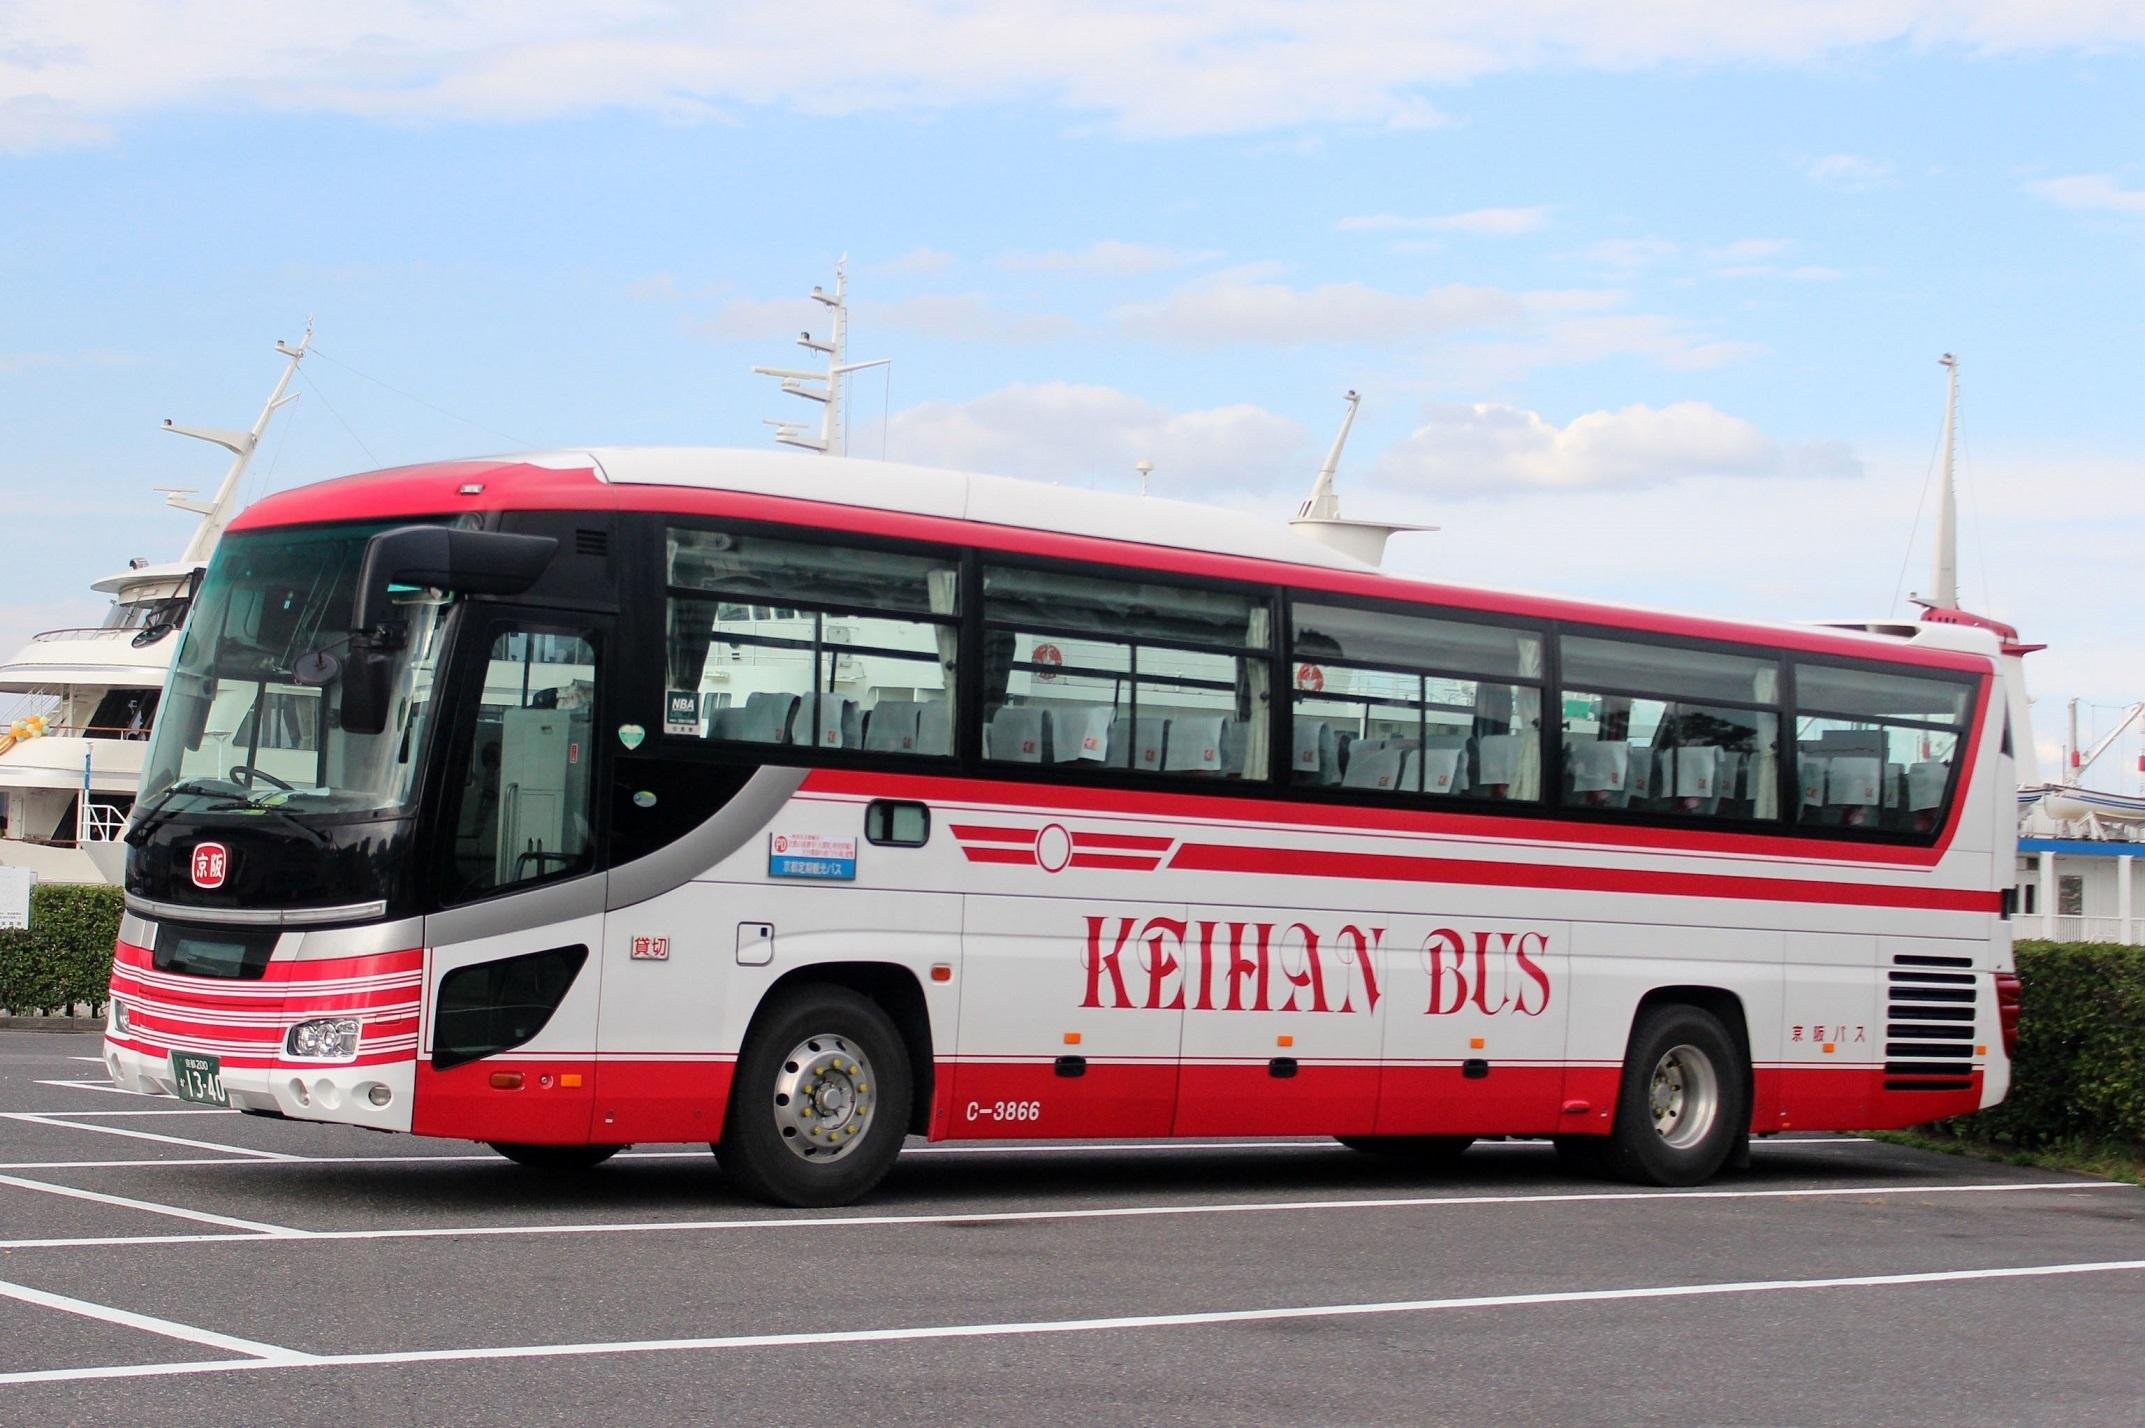 京阪バス C-3866